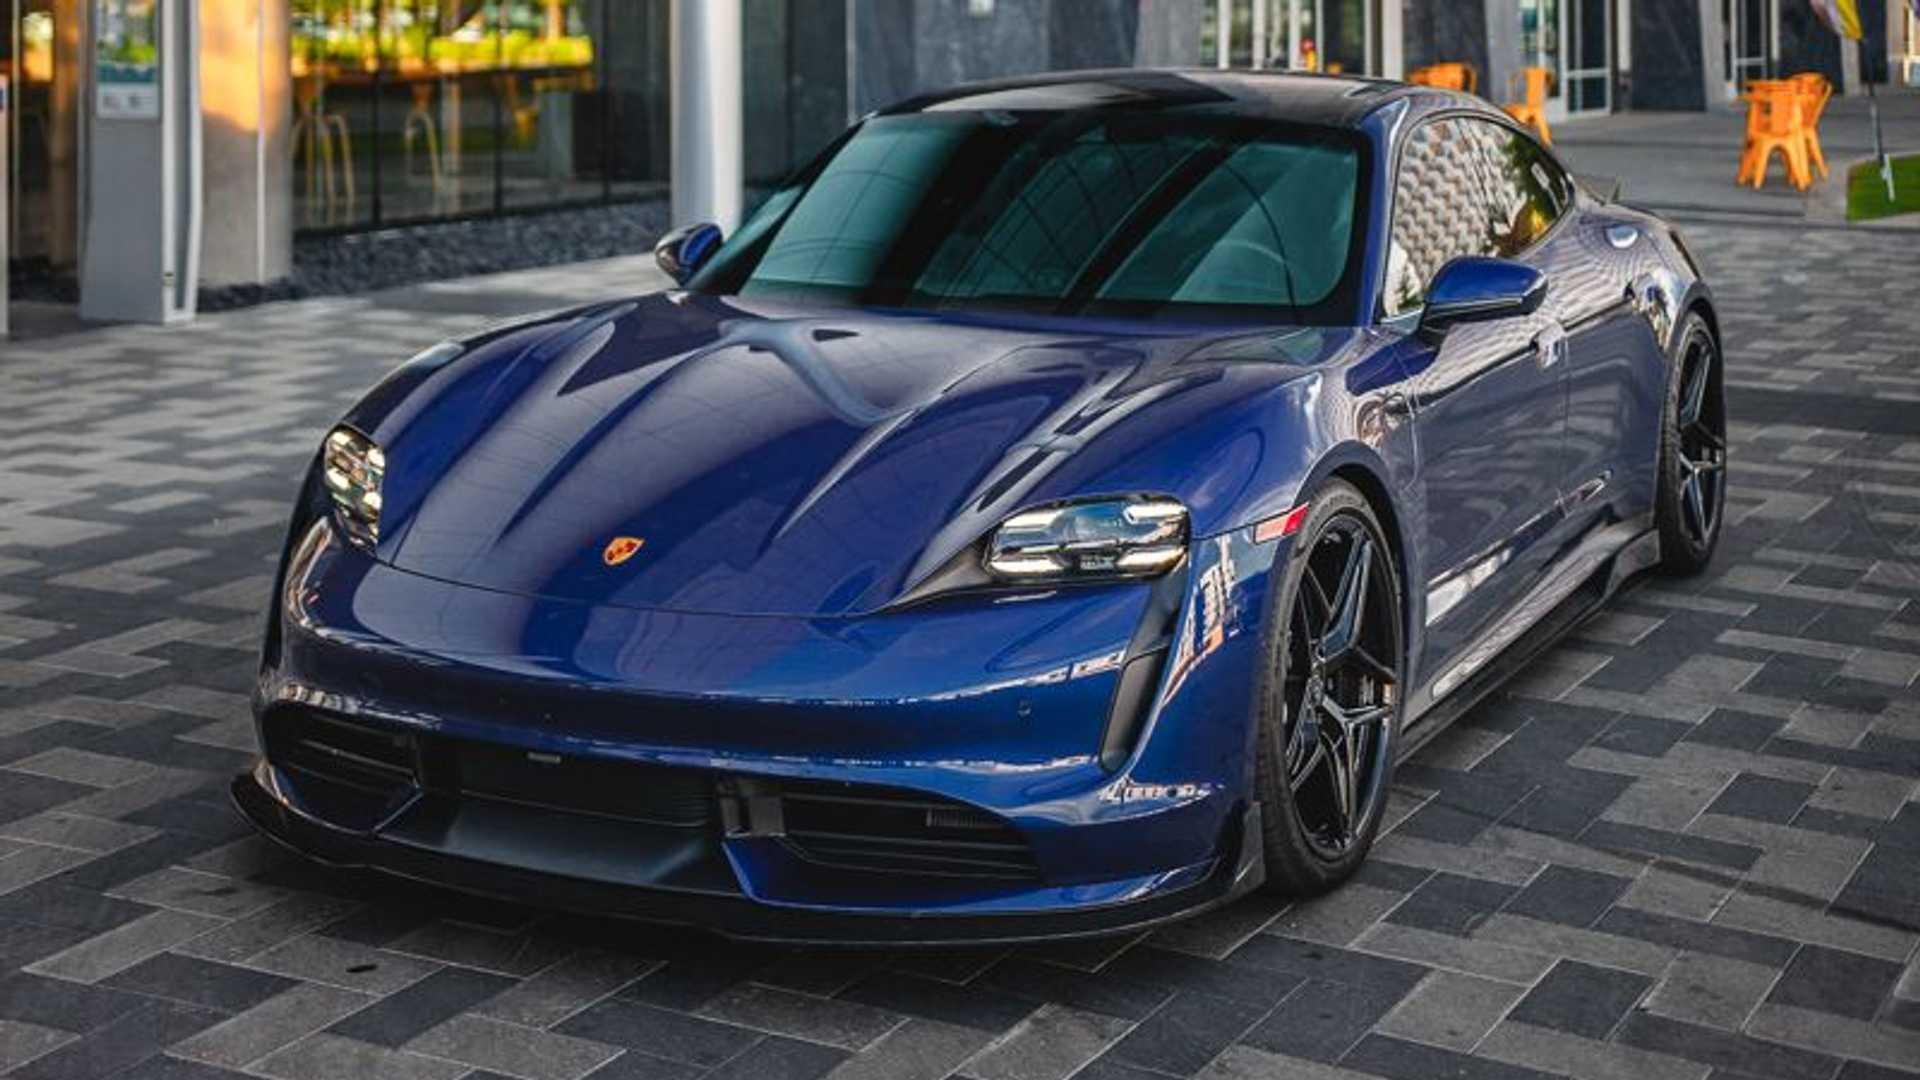 Porsche-Taycan-by-Vivid-Racing-6